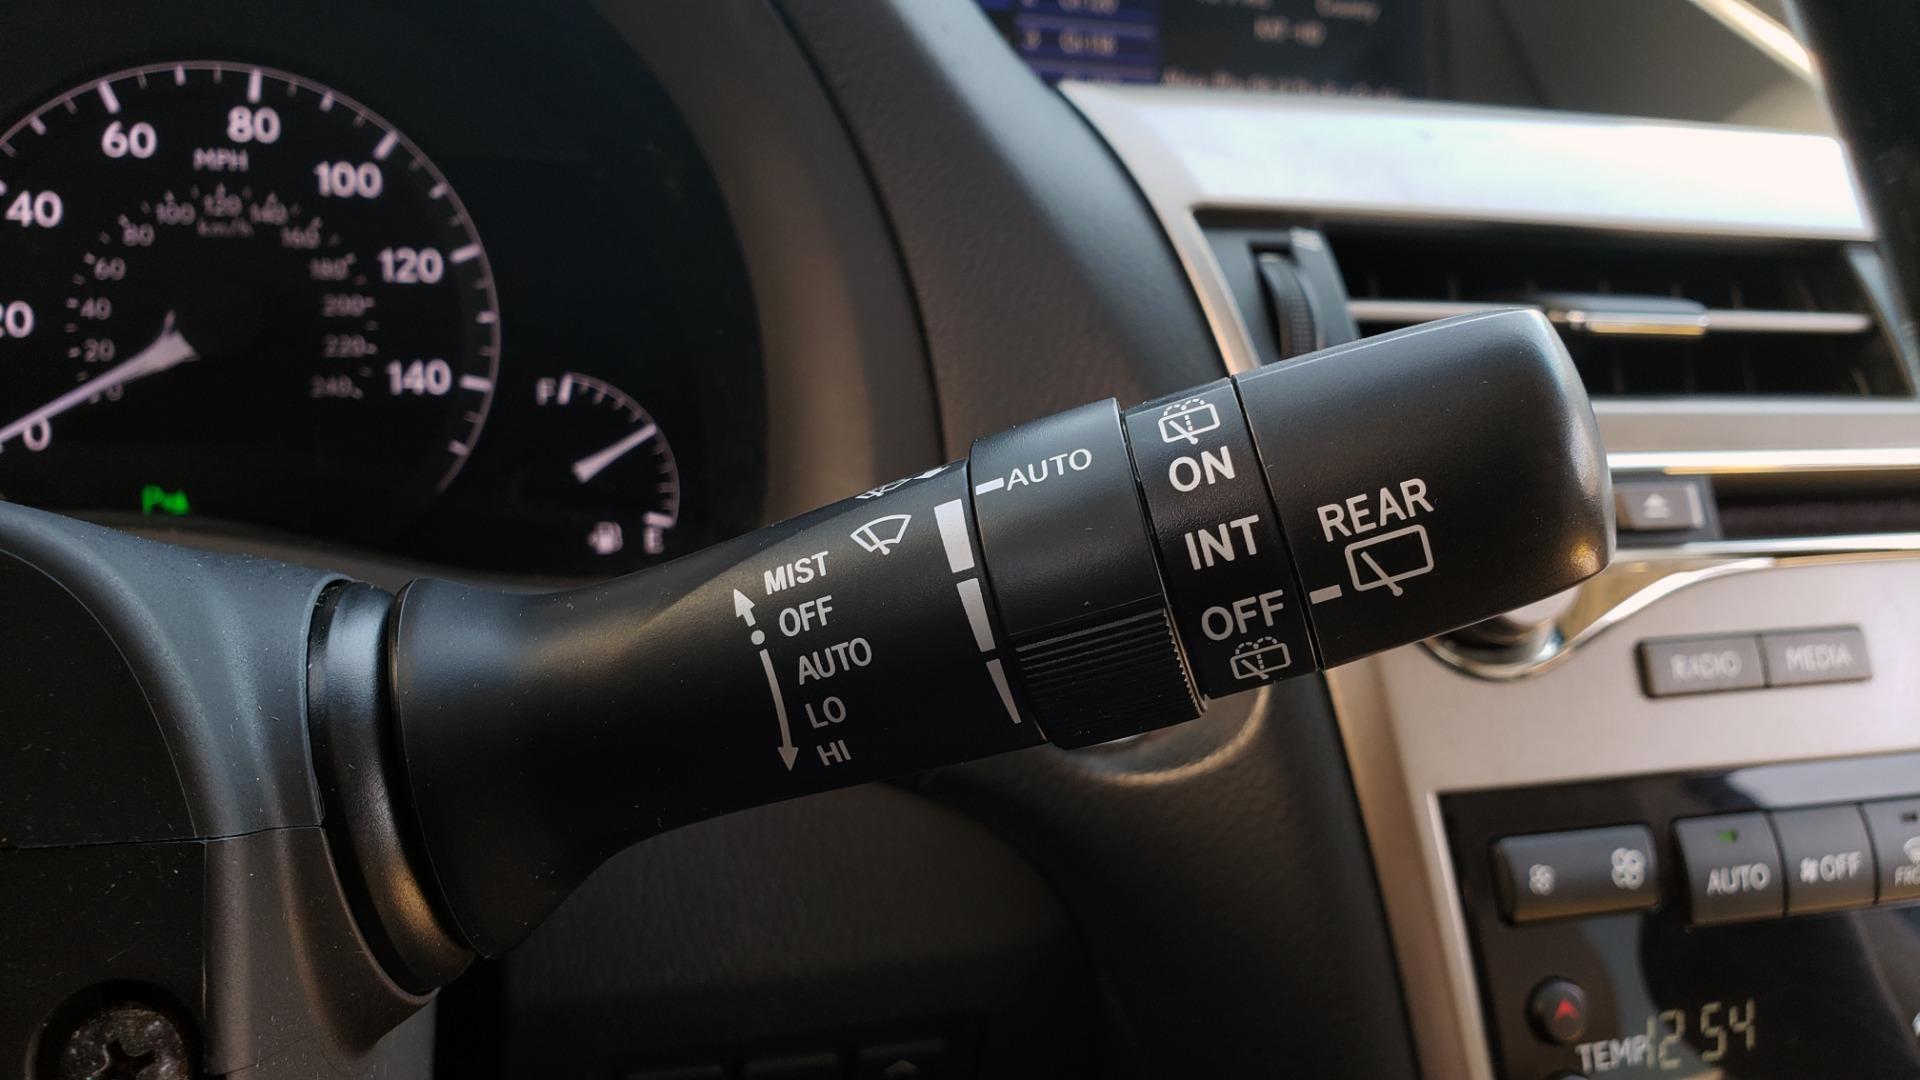 Used 2015 Lexus RX 450H AWD / PREM PKG / NAV / PARK ASST / HUD / BLIND SPOT MONITOR for sale Sold at Formula Imports in Charlotte NC 28227 47